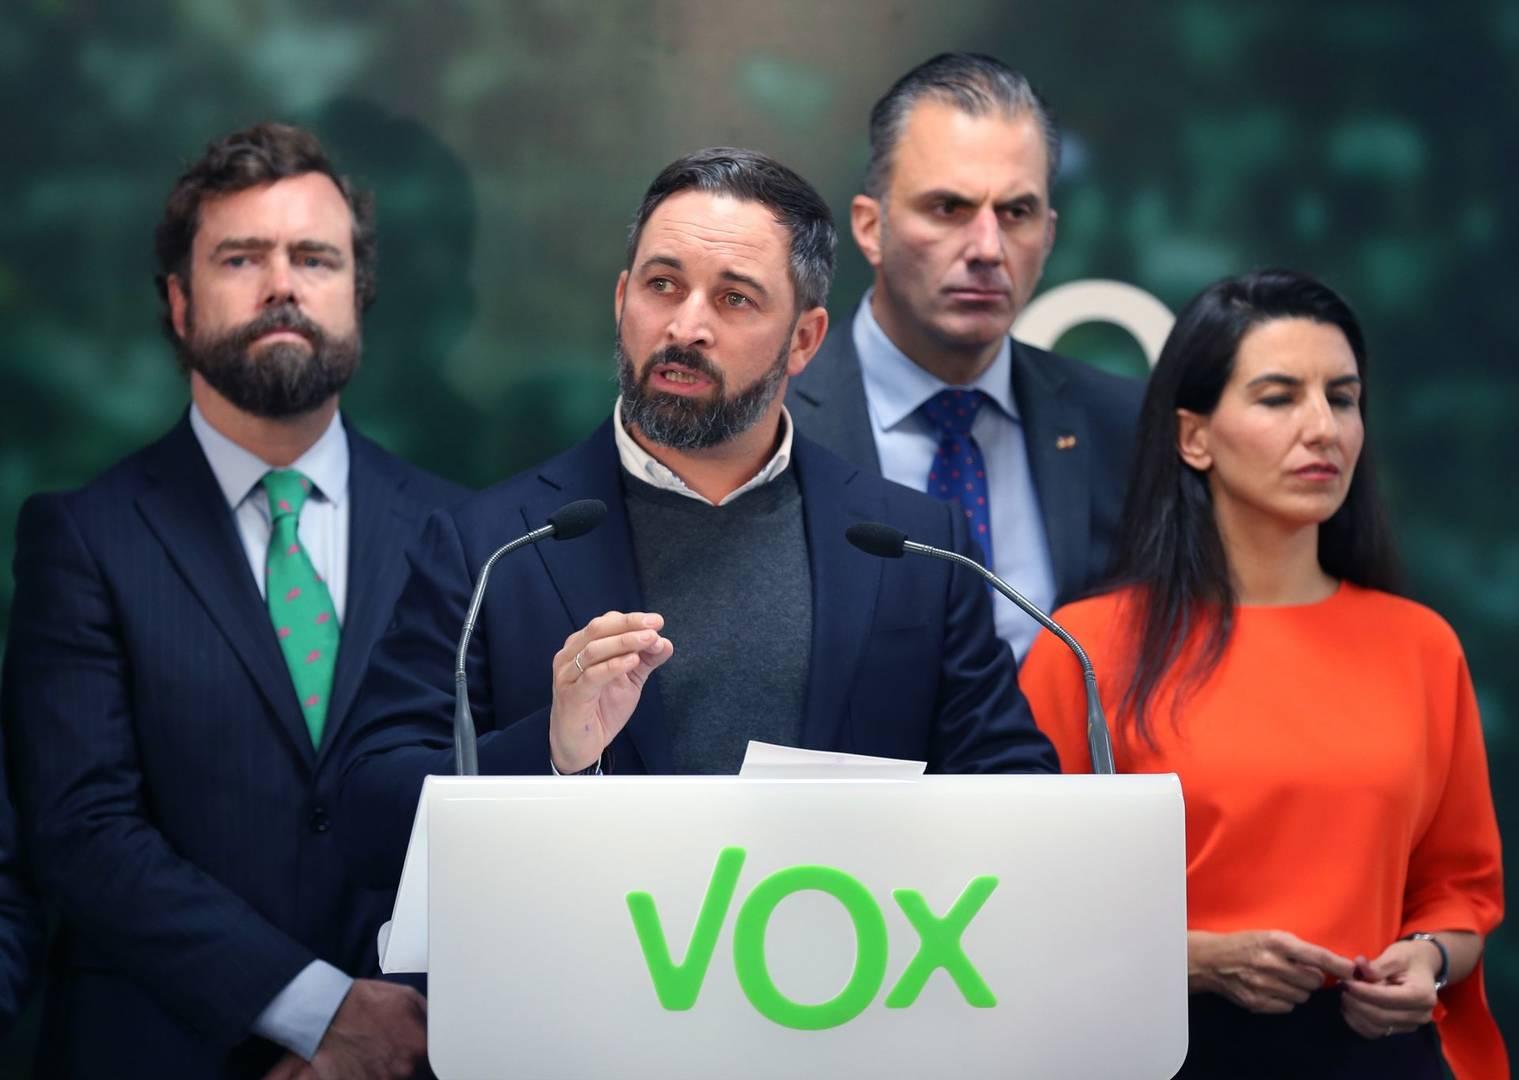 sálvame VOX